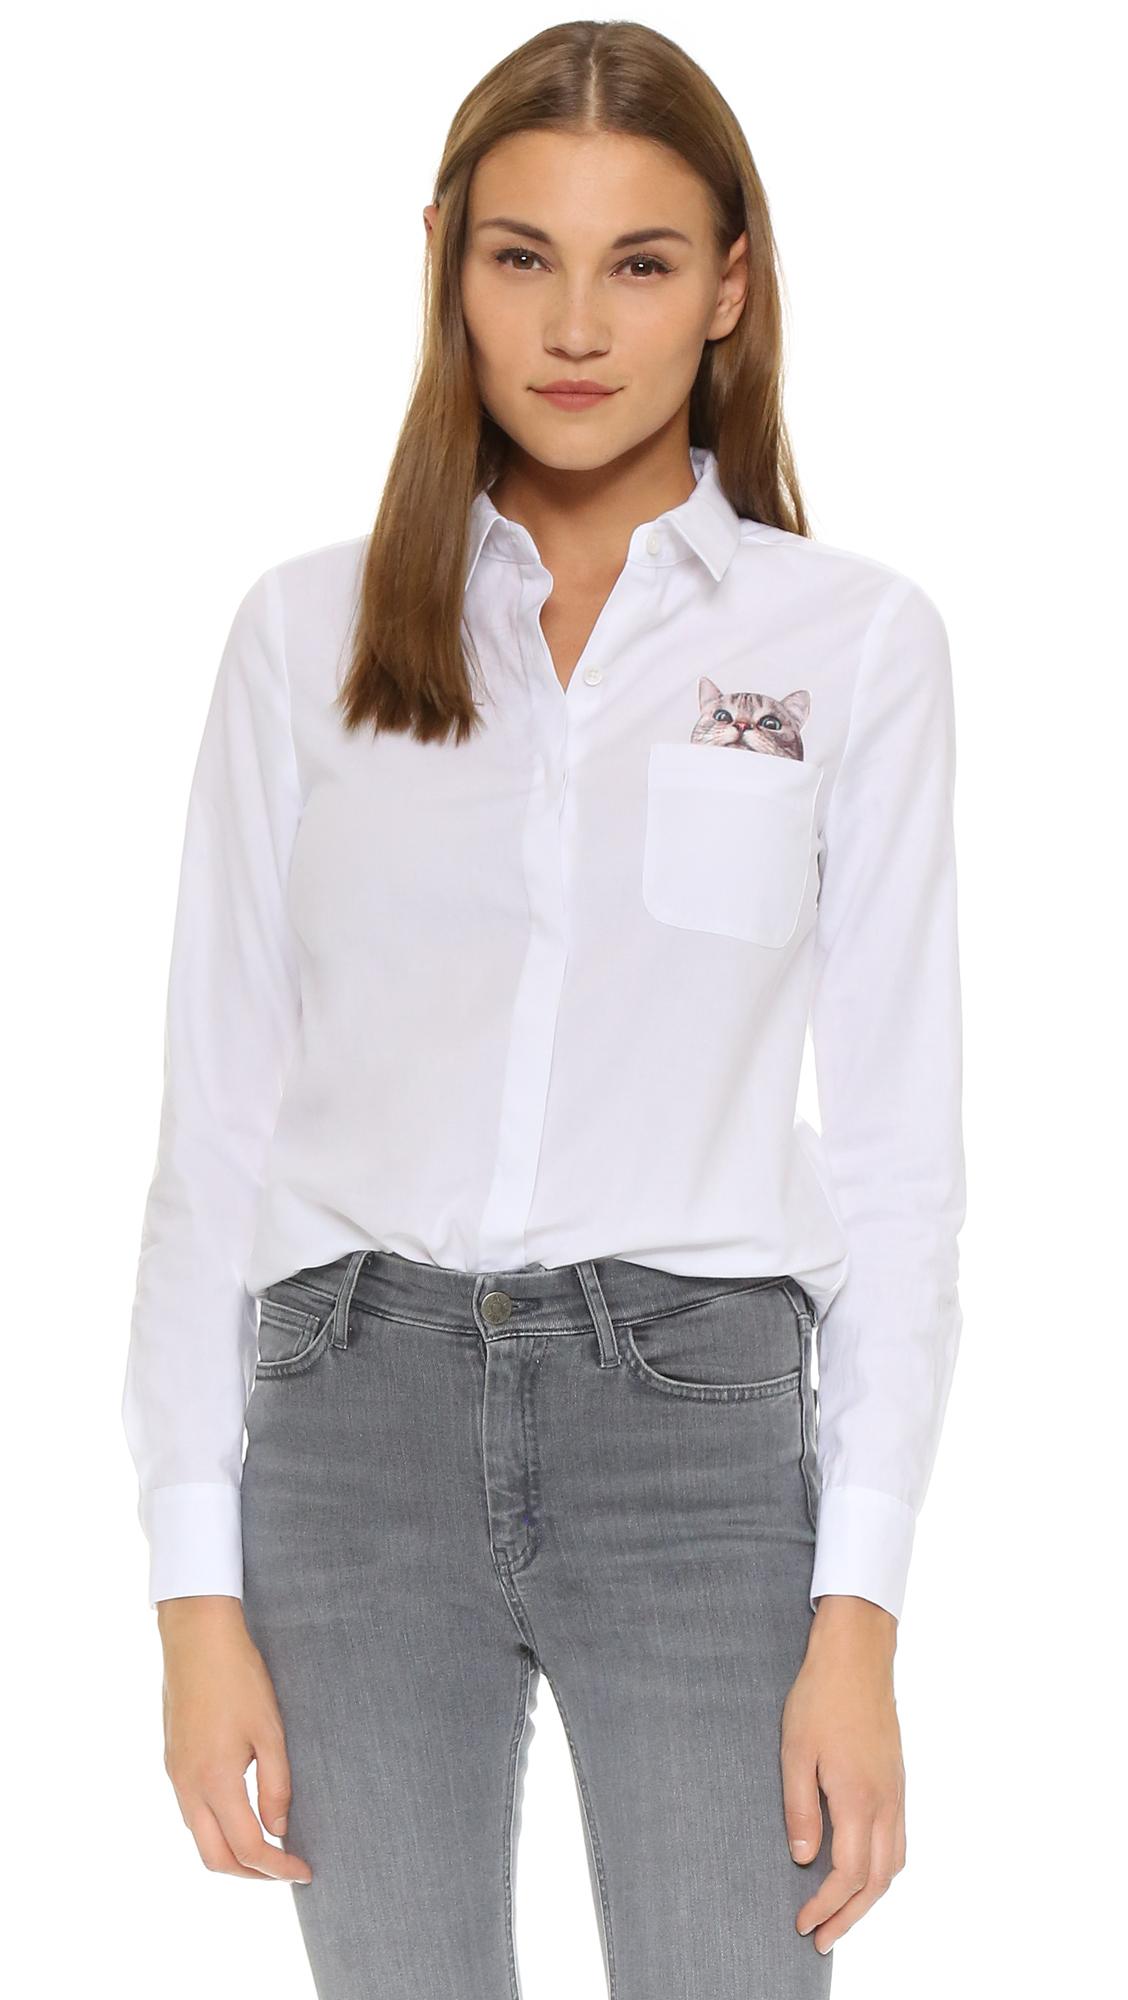 Paul & Joe Sister Chaperche Button Down Shirt - White